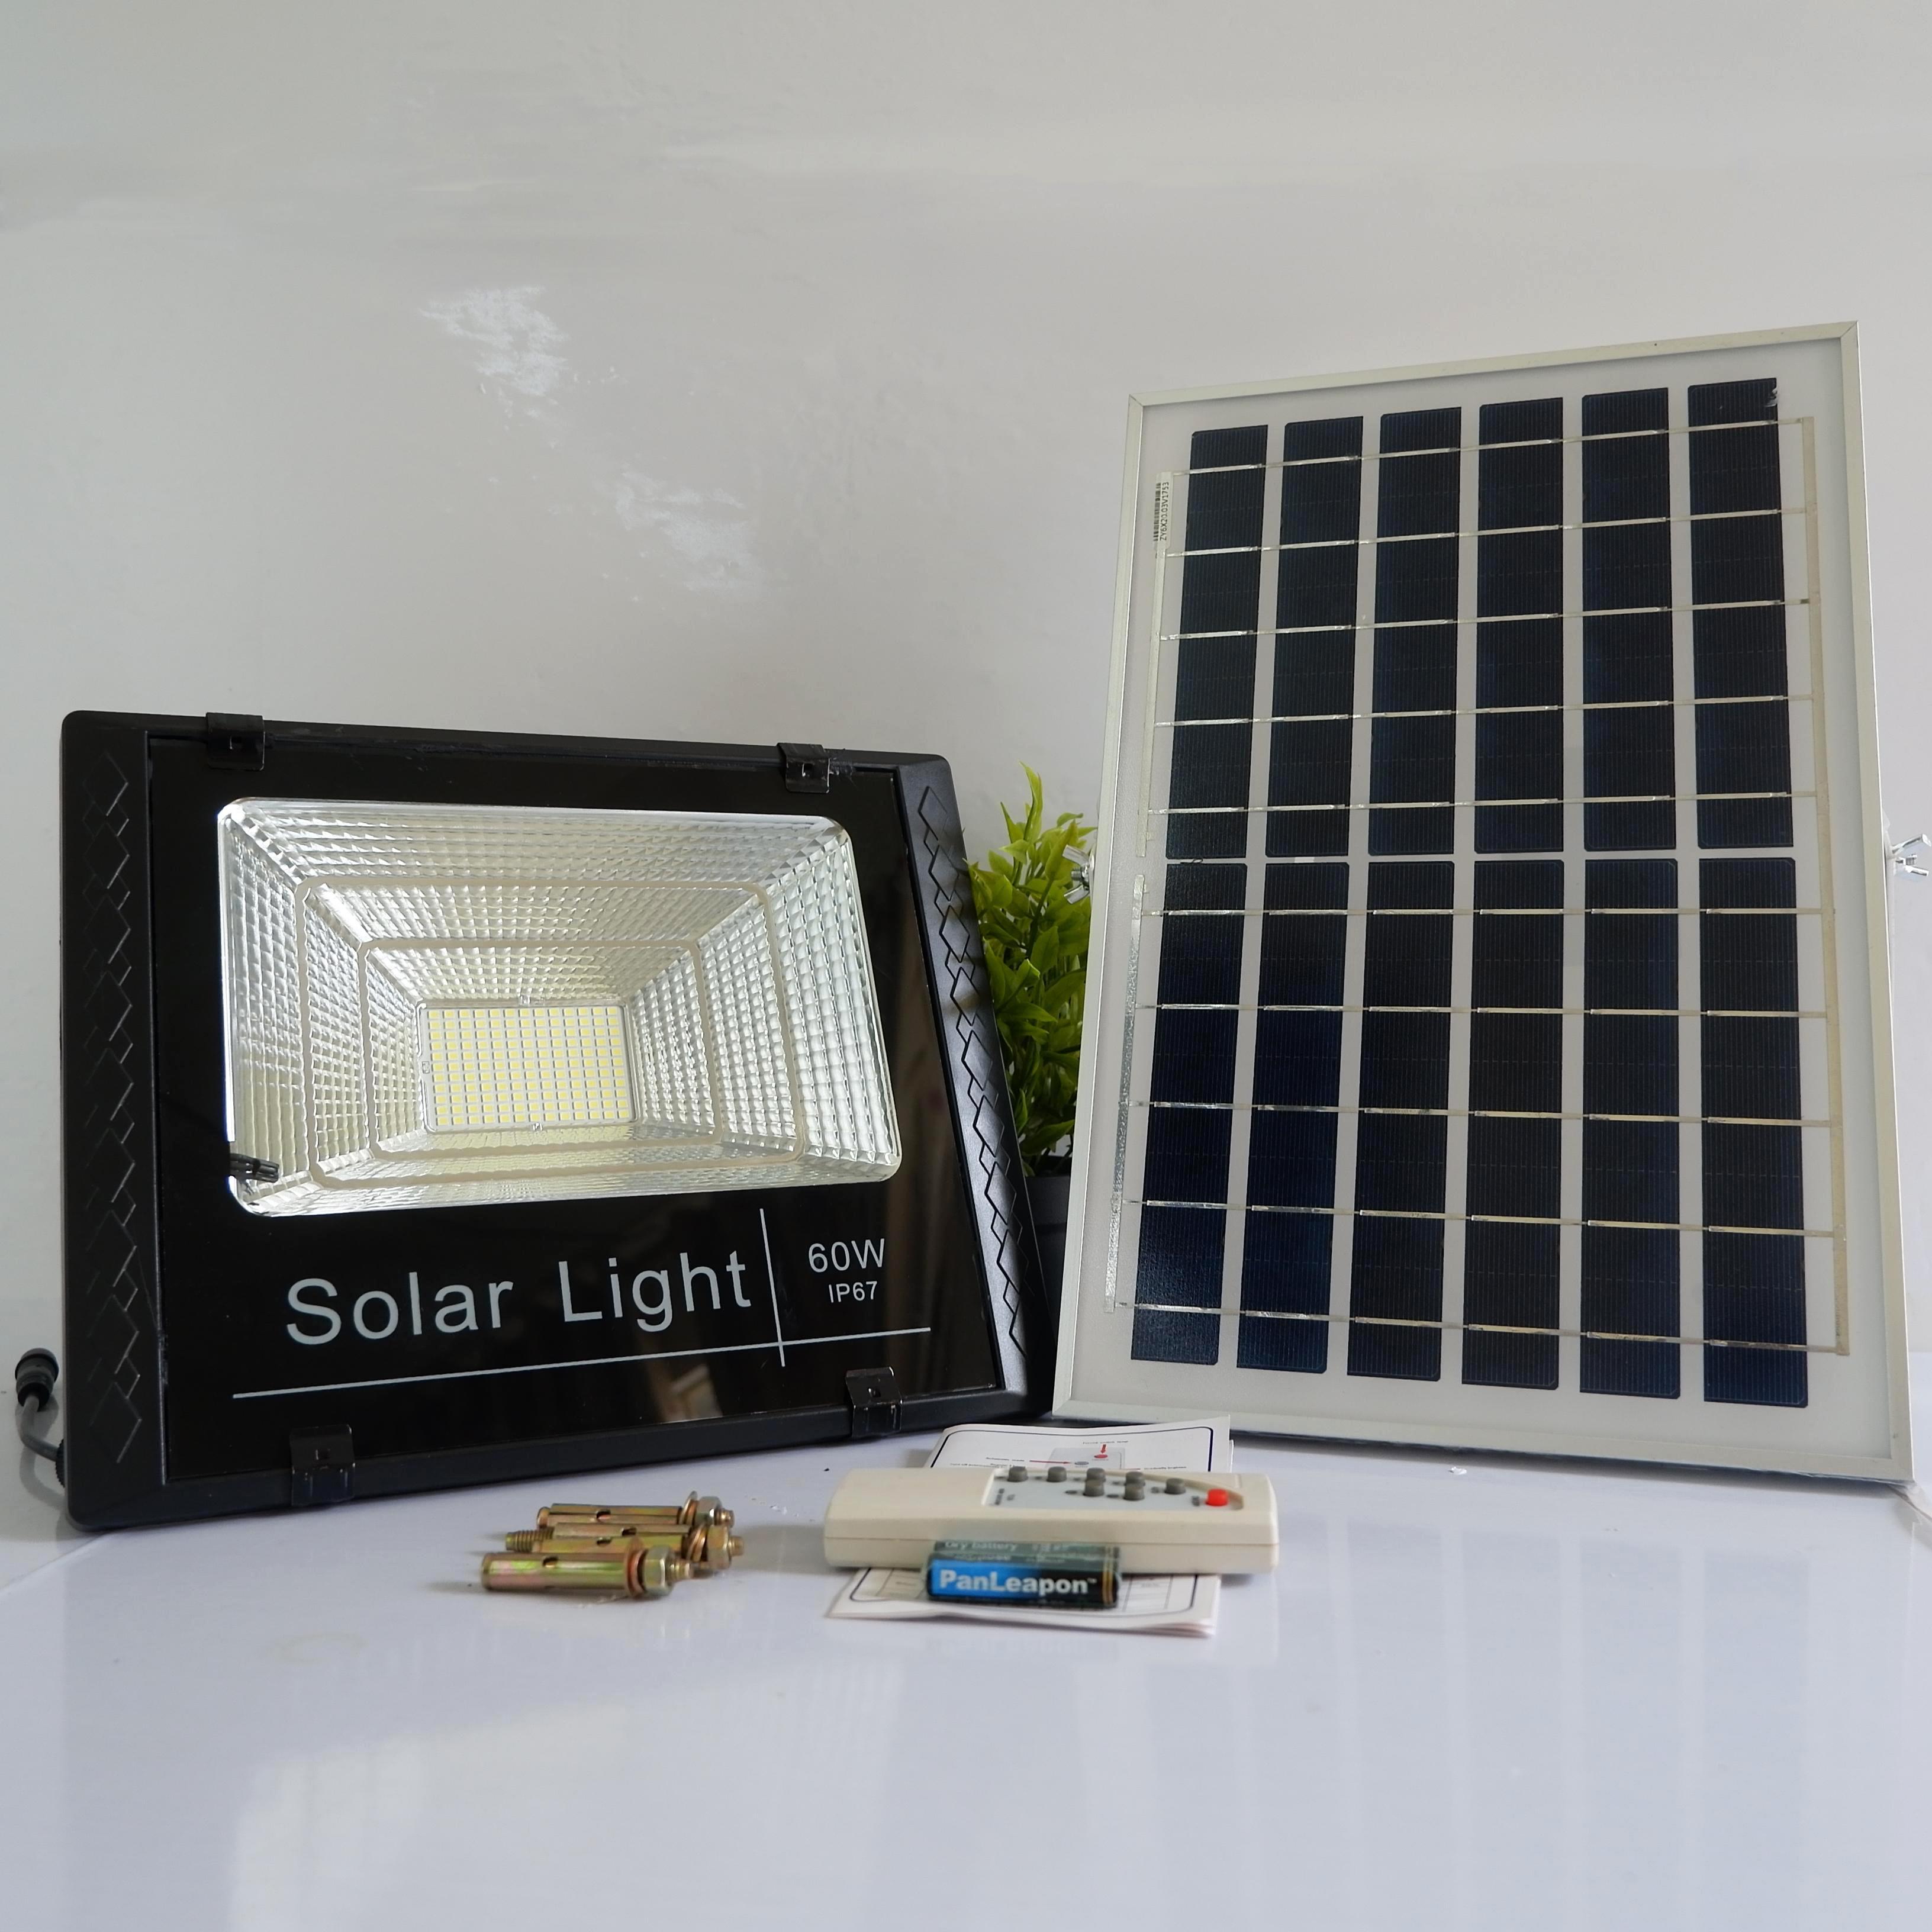 Đèn pha led năng lượng mặt trời 60w - siêu bền, an toàn, tiết kiệm-hàng chính hãng